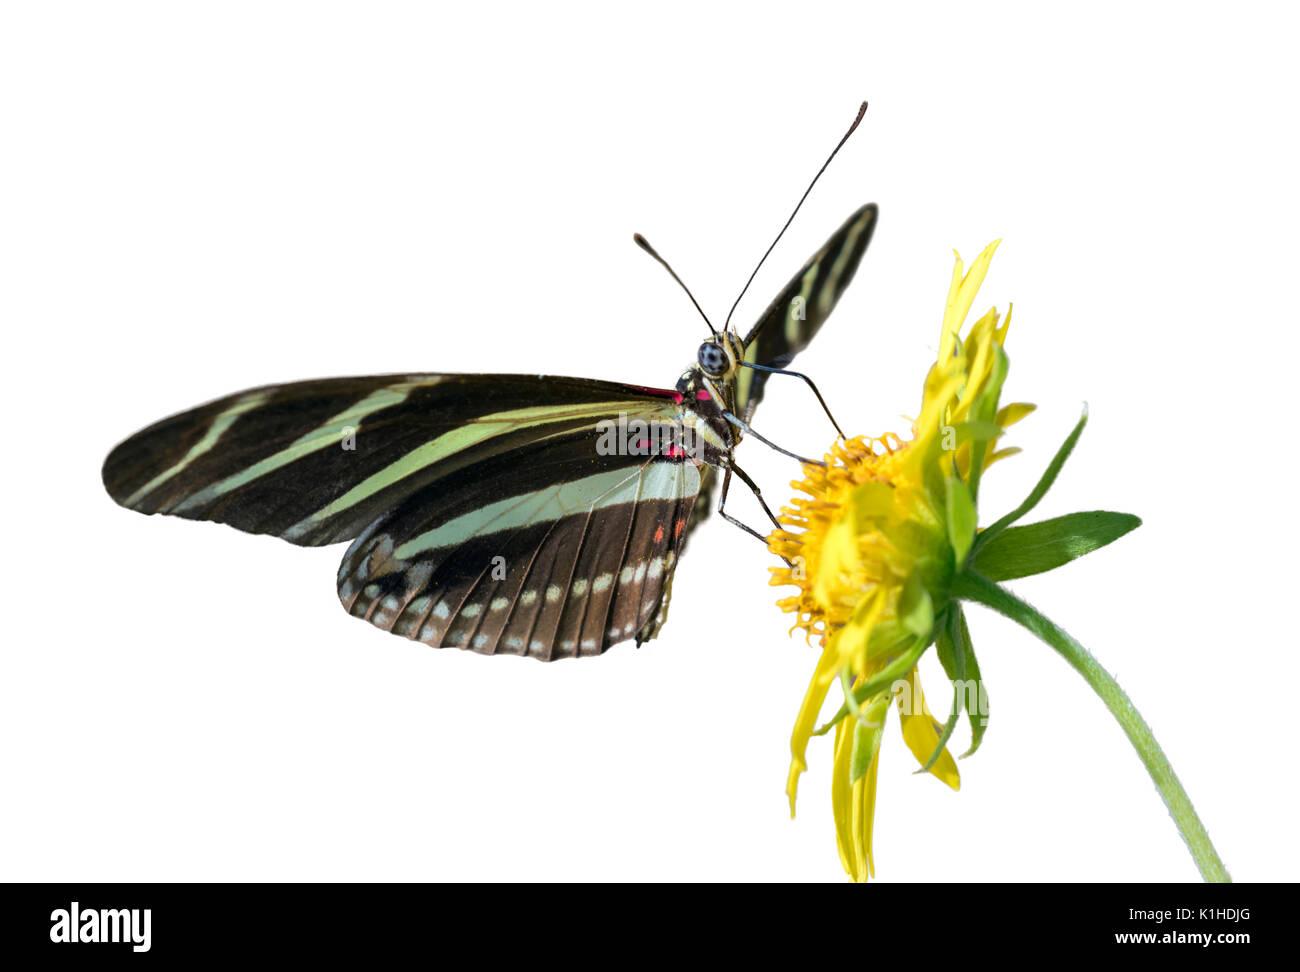 Zebra Longwing (Papillon Heliconius charitonius) se nourrissant sur une fleur, isolé sur fond blanc Photo Stock